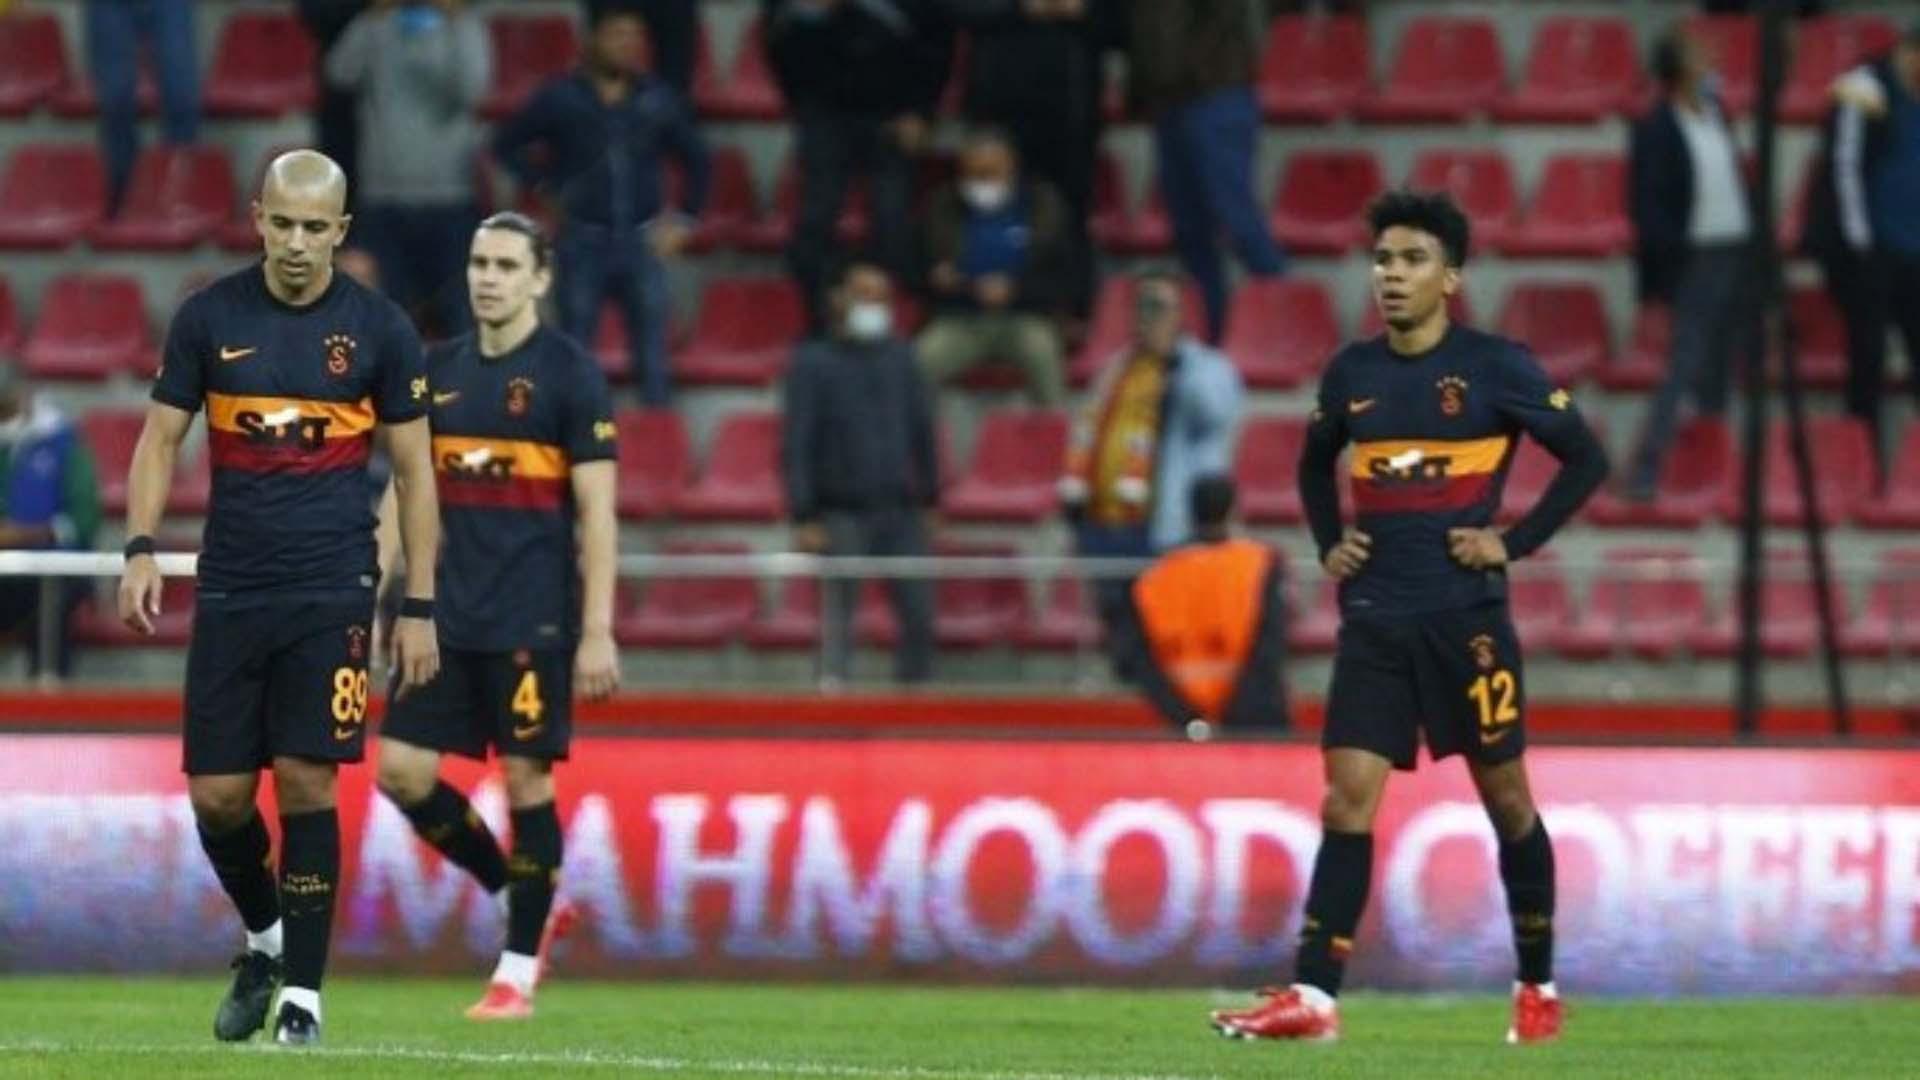 Assuncao Galatasaray'da ilk maçına çıktı! Buruk bir başlangıç oldu